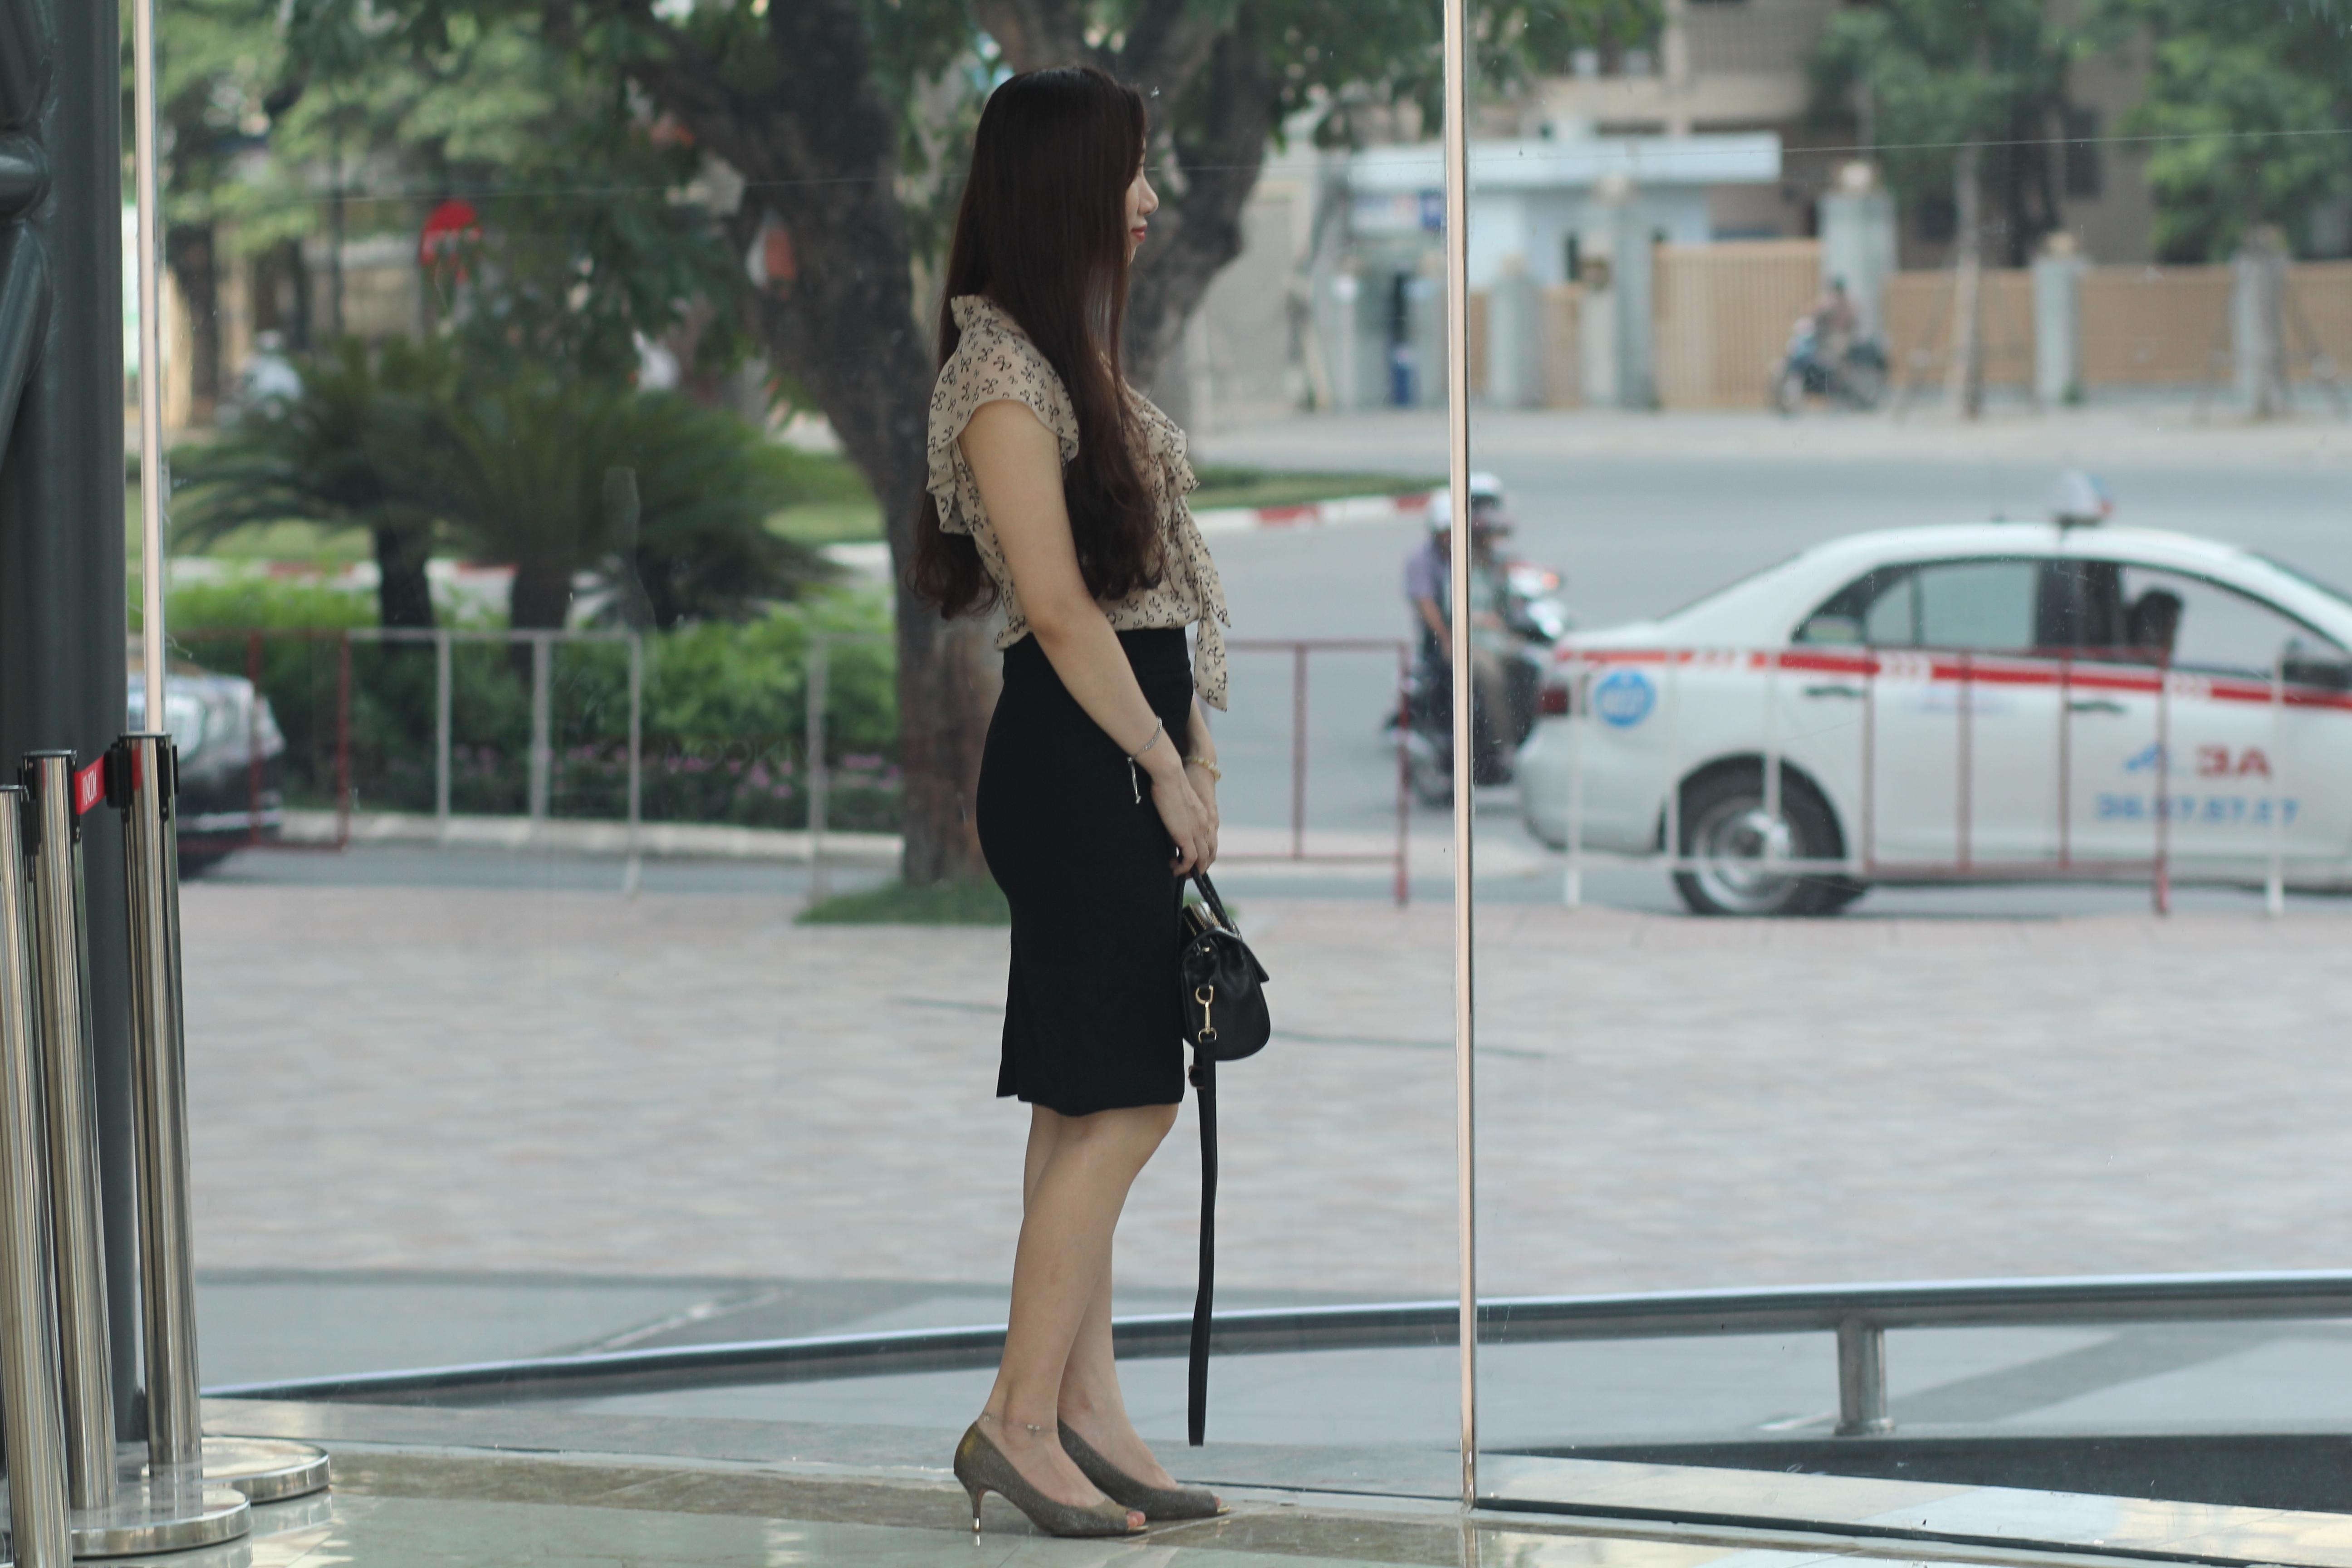 Dù ưu tiên lựa chọn những trang phục nhẹ nhàng nhưng với cách mix khéo léo, Ánh vẫn toát lên vẻ tao nhã, chững chạc. Với áo voan nude kết hợp cùng chân váy giúp cô toát ra được vẻ năng động nhưng cũng không kém phần nữ tính. Về phụ kiện, bên cạnh chiếc túi sách màu đen sang trọng, cô nàng tạo được điểm nhấn với giày cao gót màu trầm.